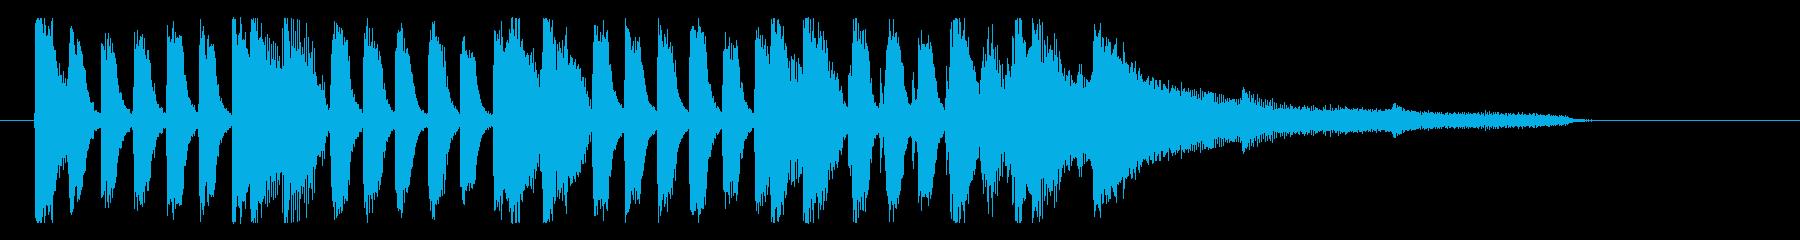 【月の無い夜1】の再生済みの波形